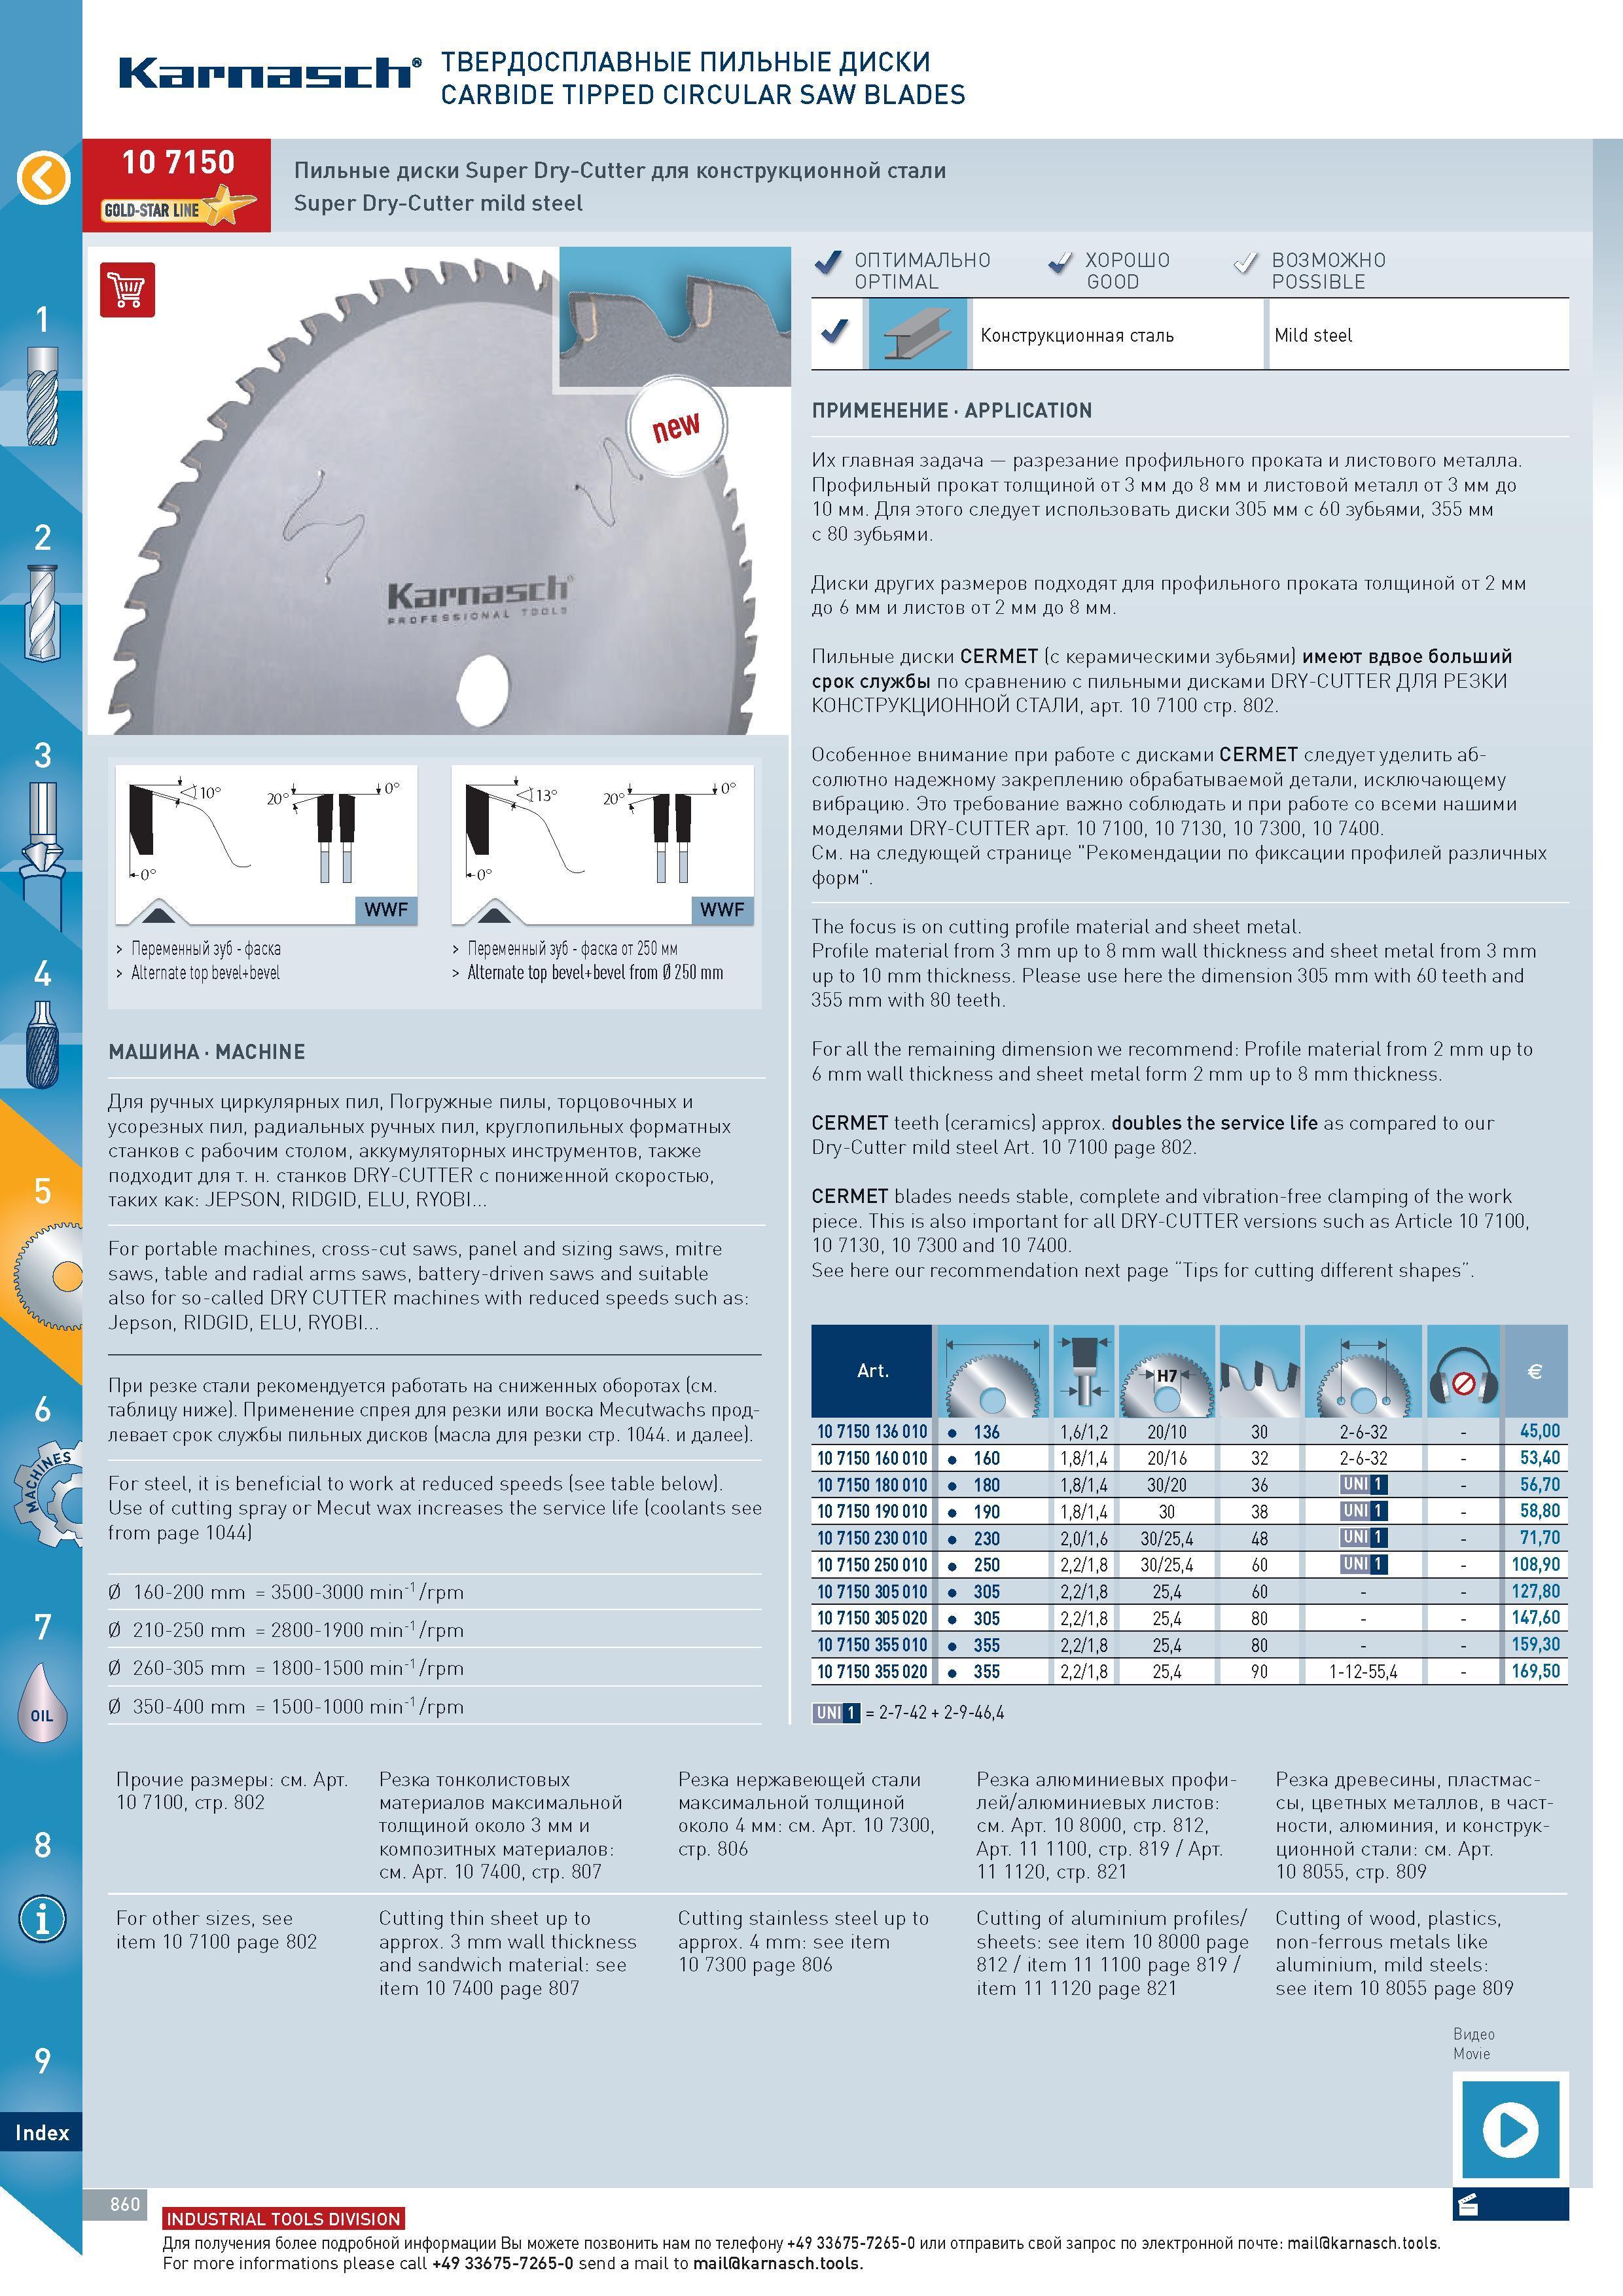 Как выбрать диск для циркулярной пилы: маркировка, особенности применения и инструкция по эксплуатации